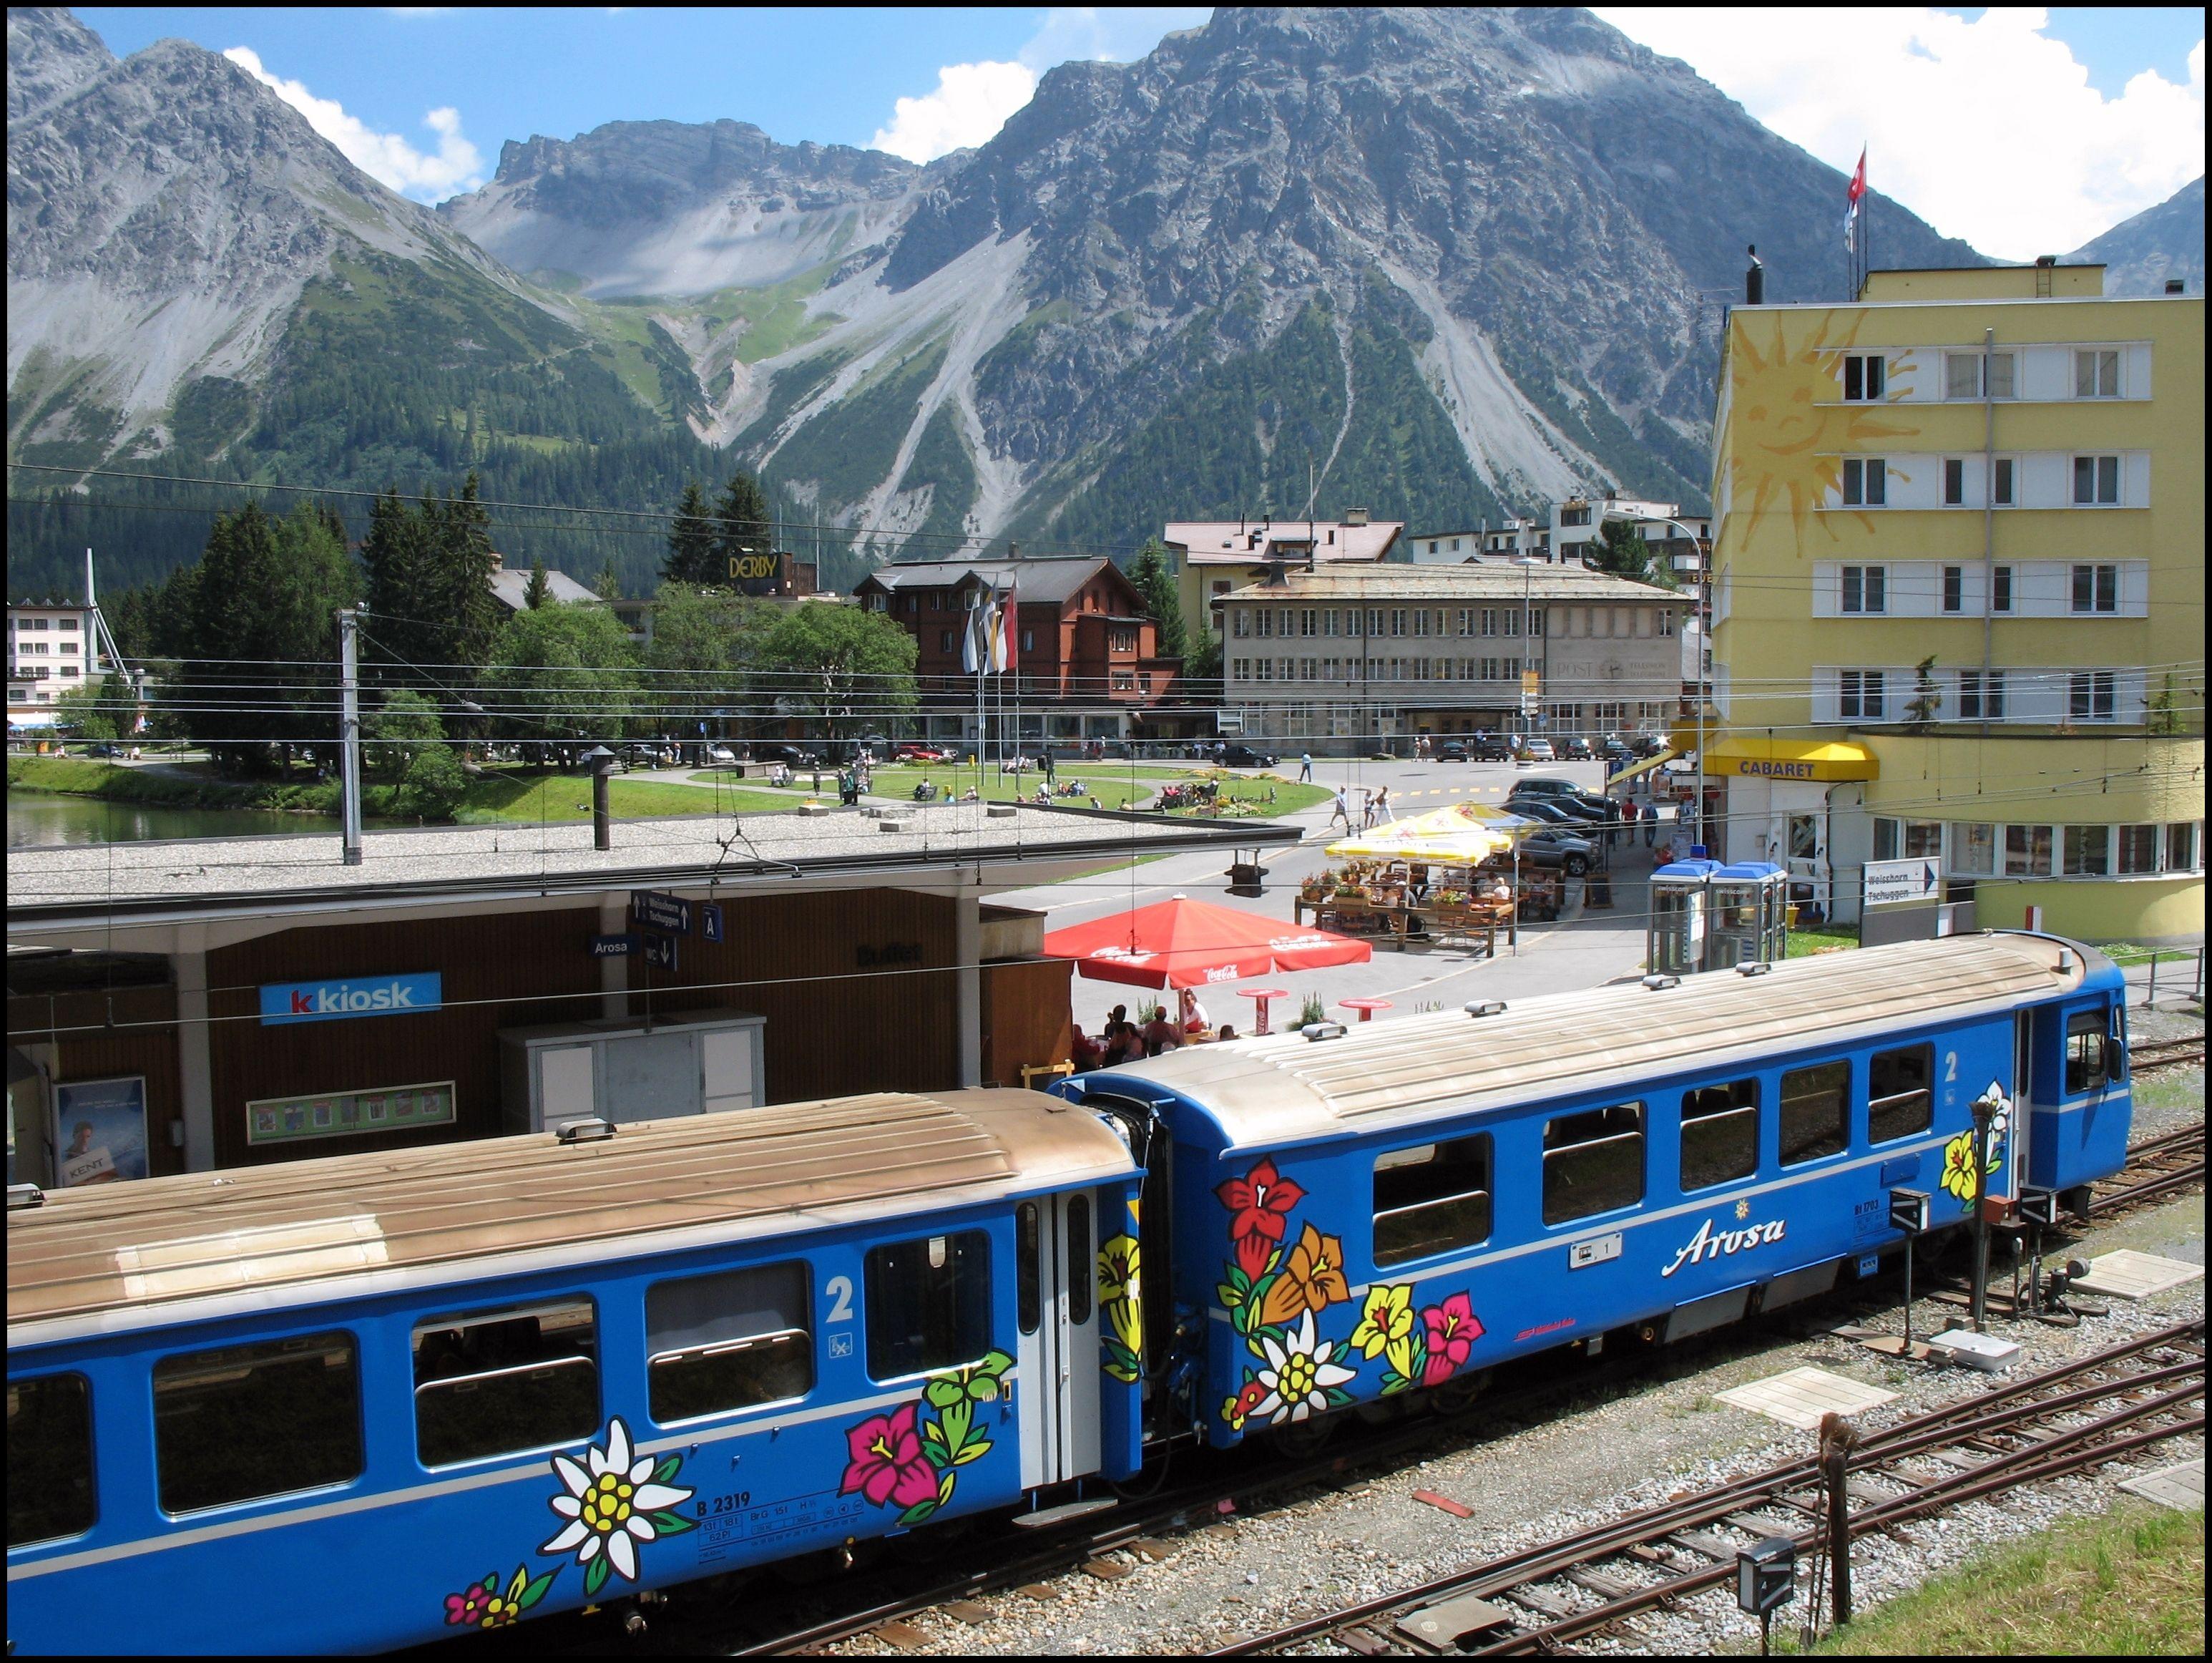 Der Bahnhof von Arosa mit dem Arosa Express der Rhätischen